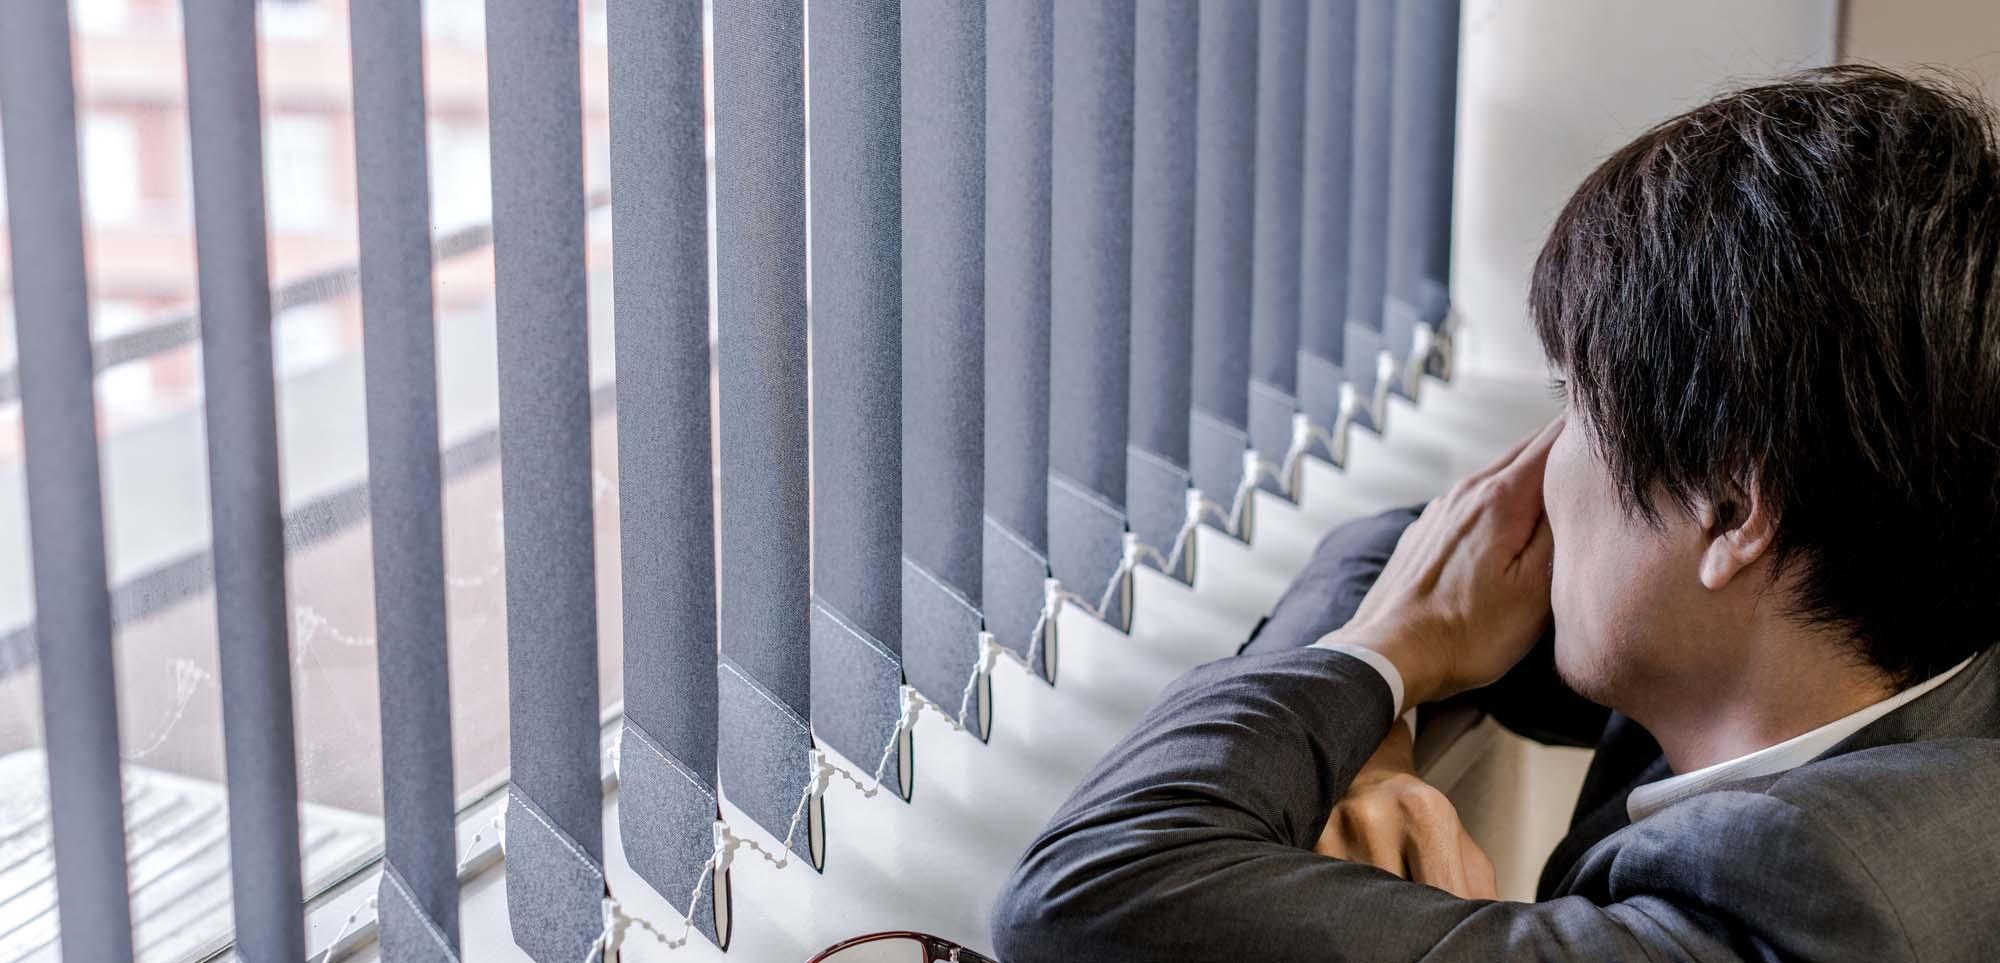 窓際族になる人の特徴や メリット・デメリット 改善方法を解説 | マナラボ